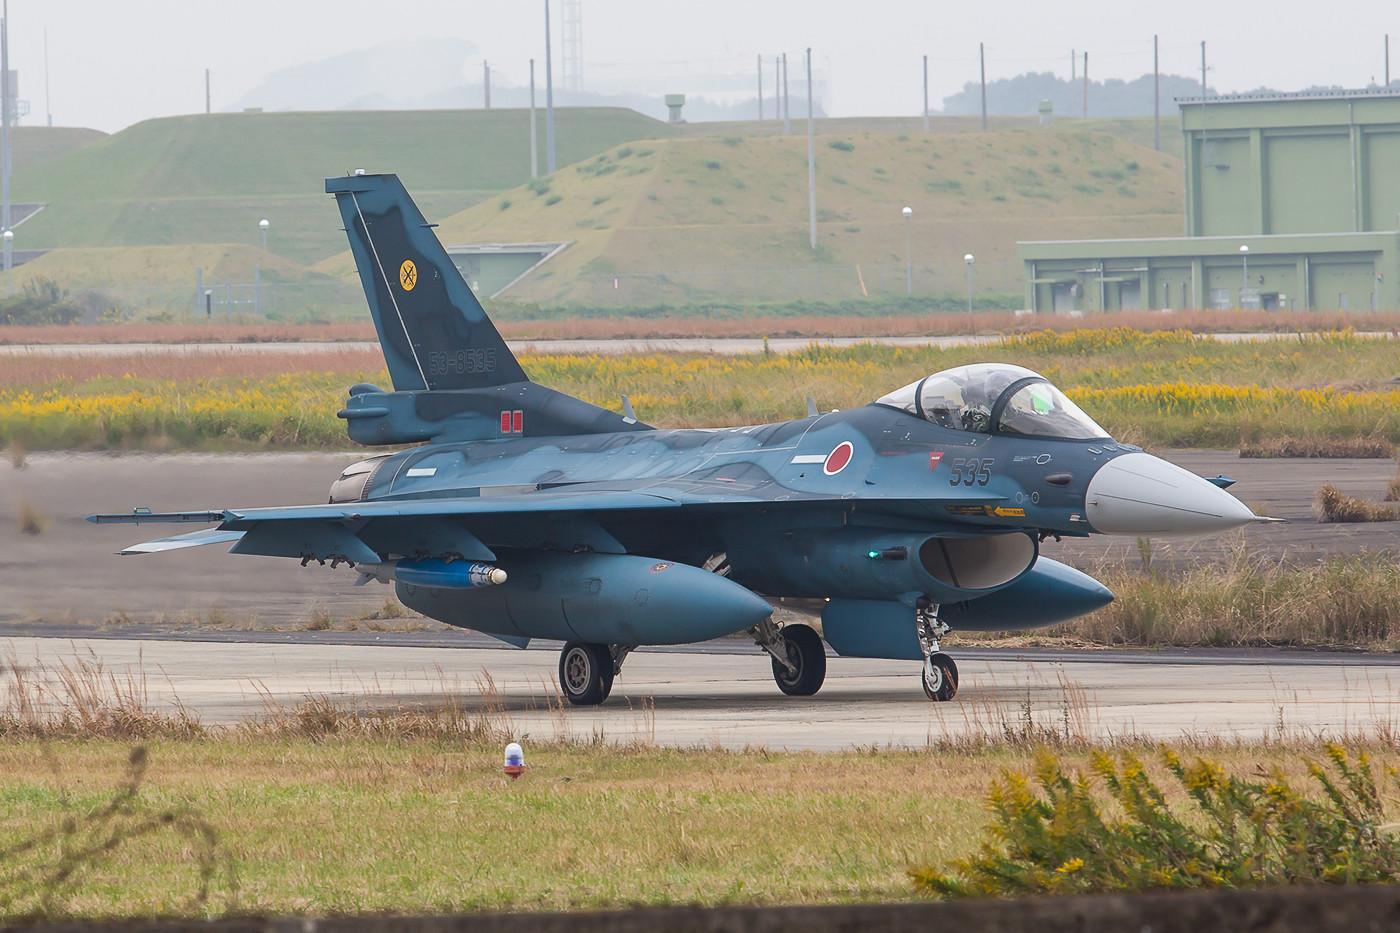 Die zweite Runde flogen dann die F-2.